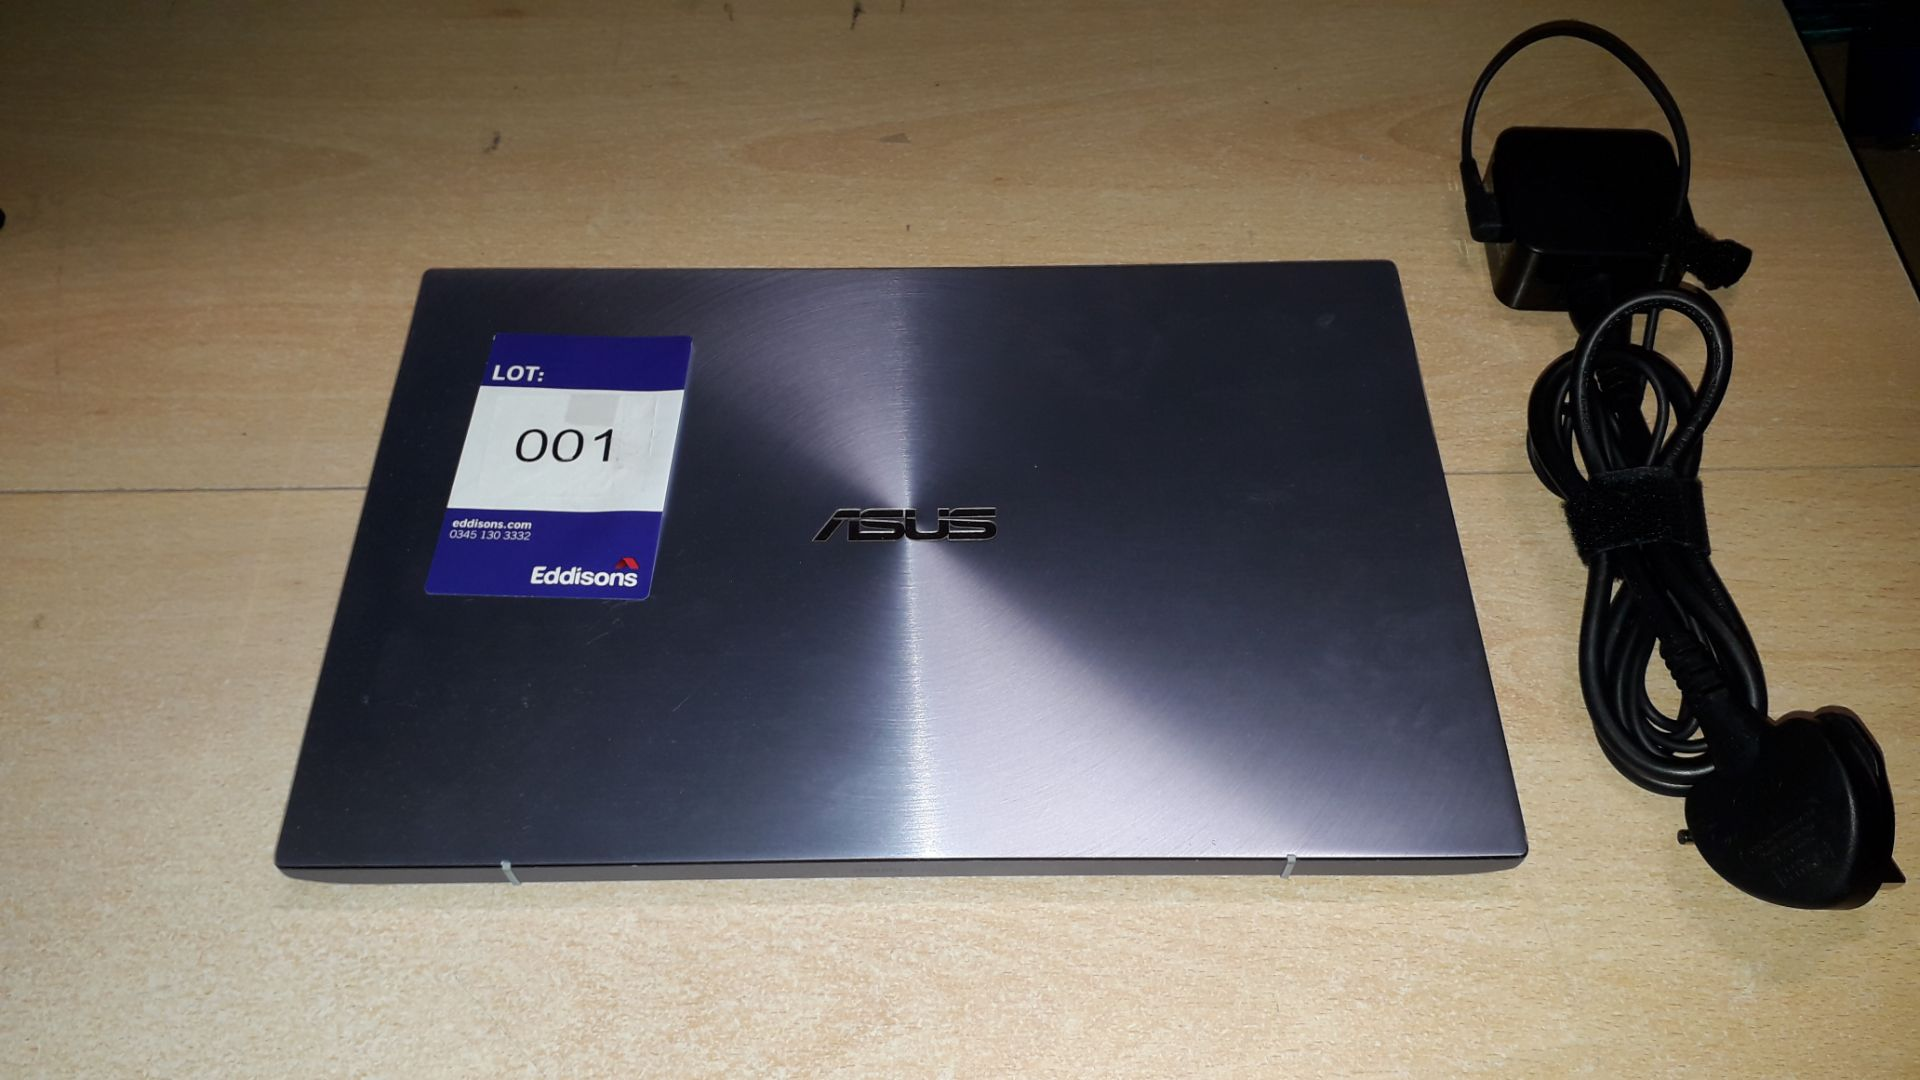 """Asus ZenBook UM431D 14"""" Ryzen 7 Laptop (2020) Seri - Image 2 of 5"""